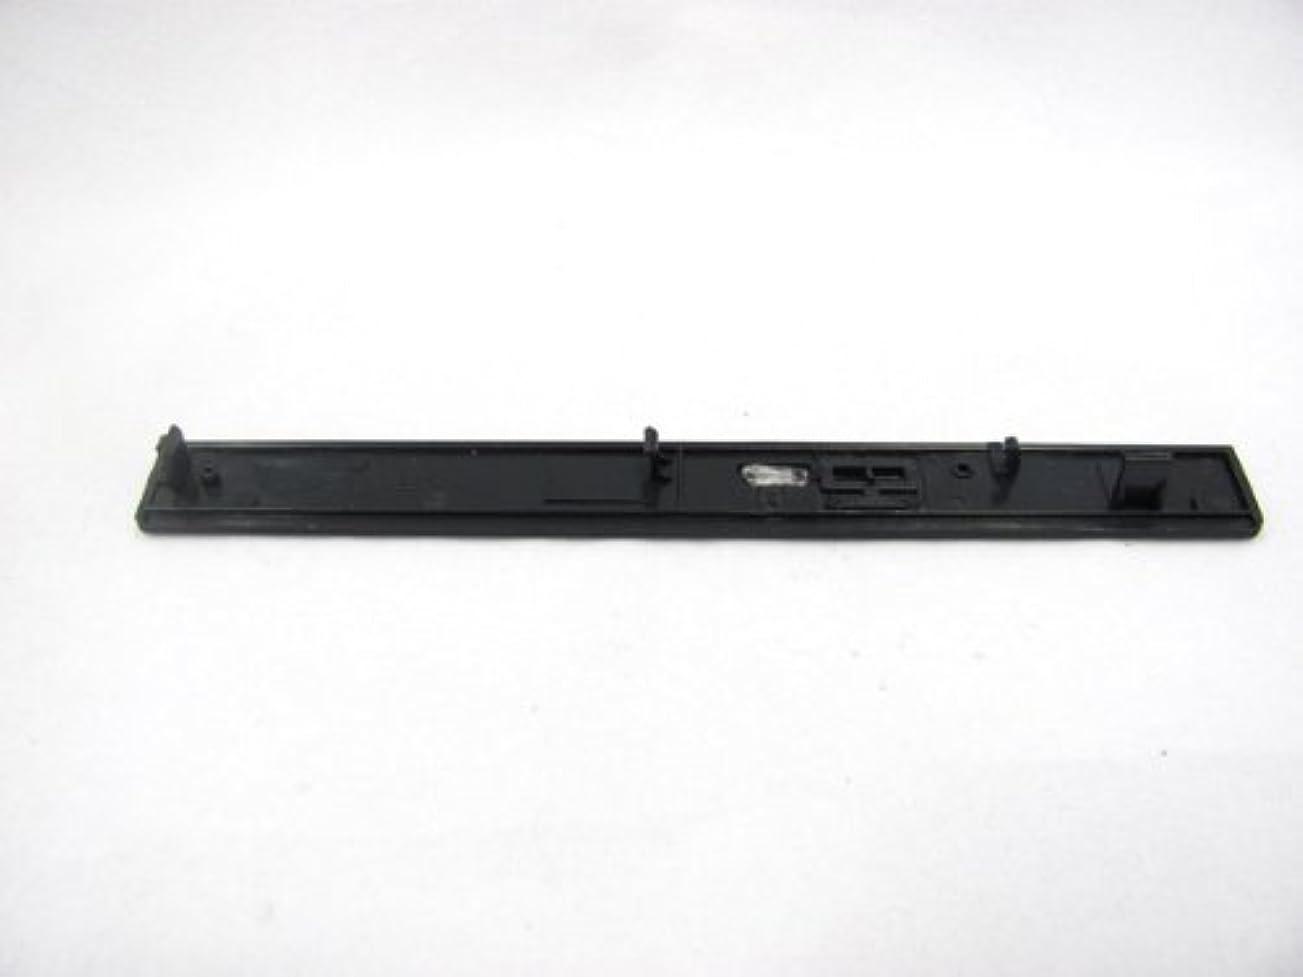 襲撃微視的明るくする【バルク】【com-001】DVD/CD-RW(Combo)用ベゼル 黒 内蔵12.7mmスリムドライブ対応 G-Bas規格